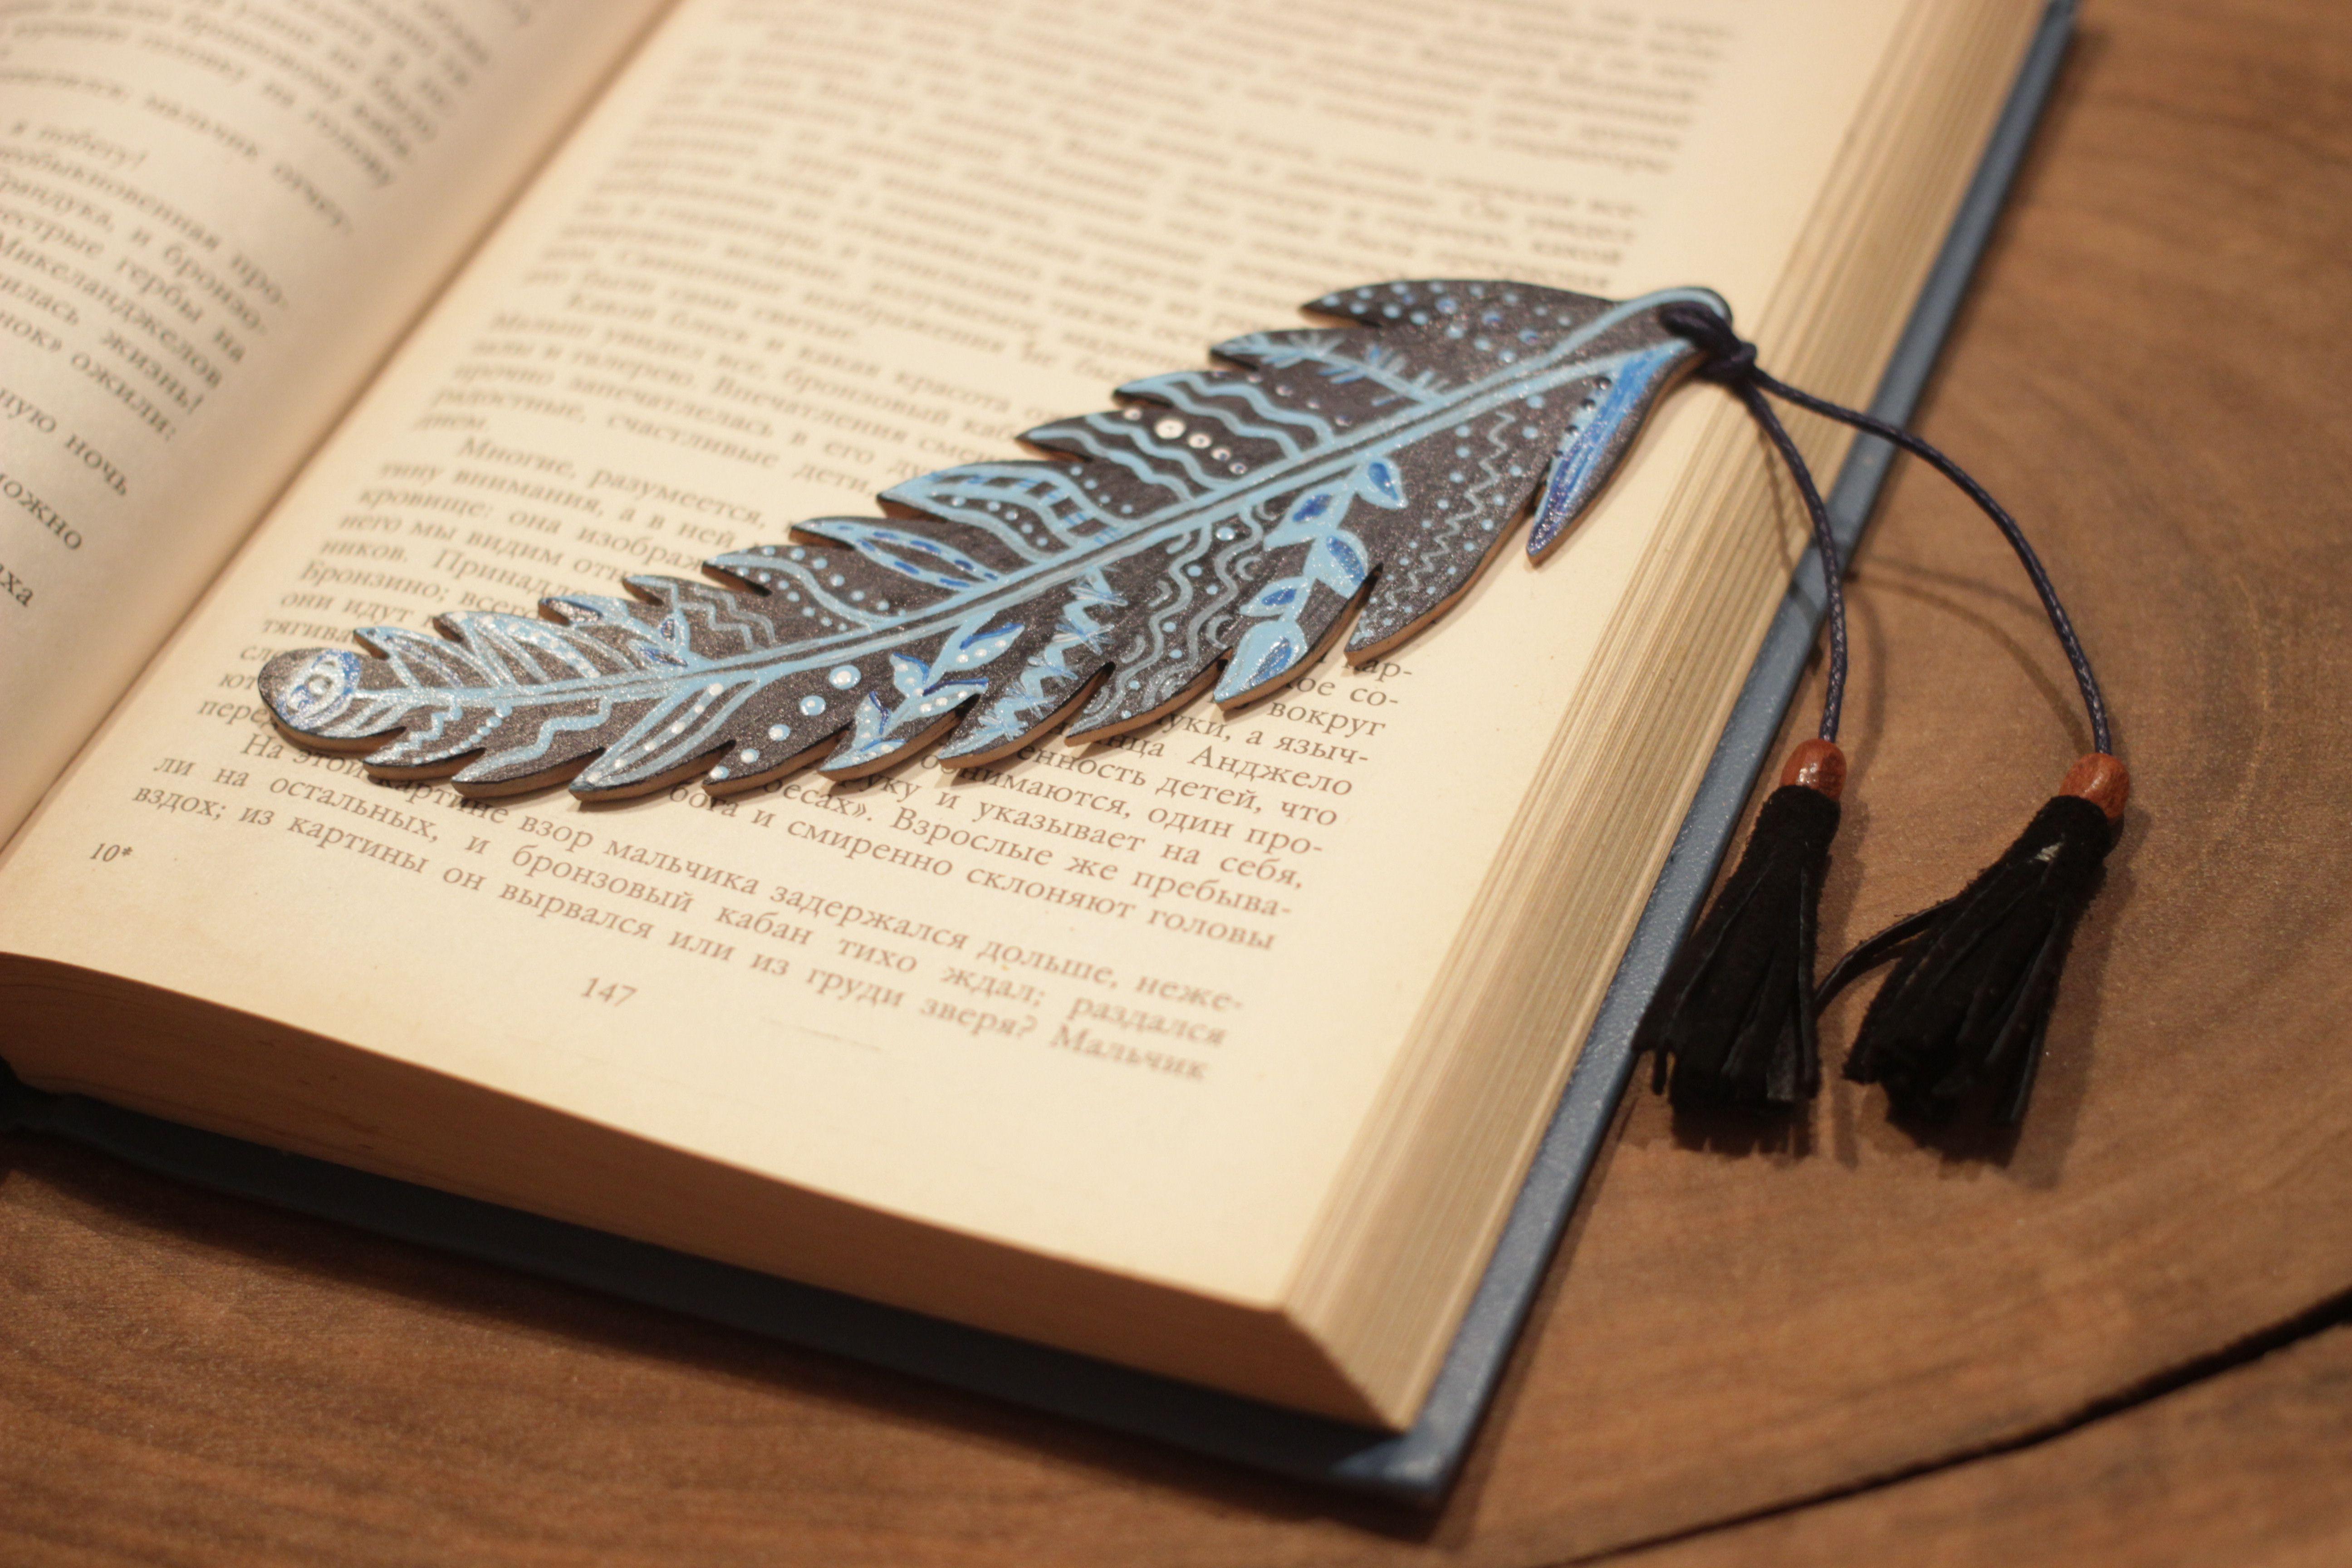 случаи все подарок книги девочки ручная для закладка мальчика роспись девушке деревянная другу учителю работа маме выжигание книголюбу